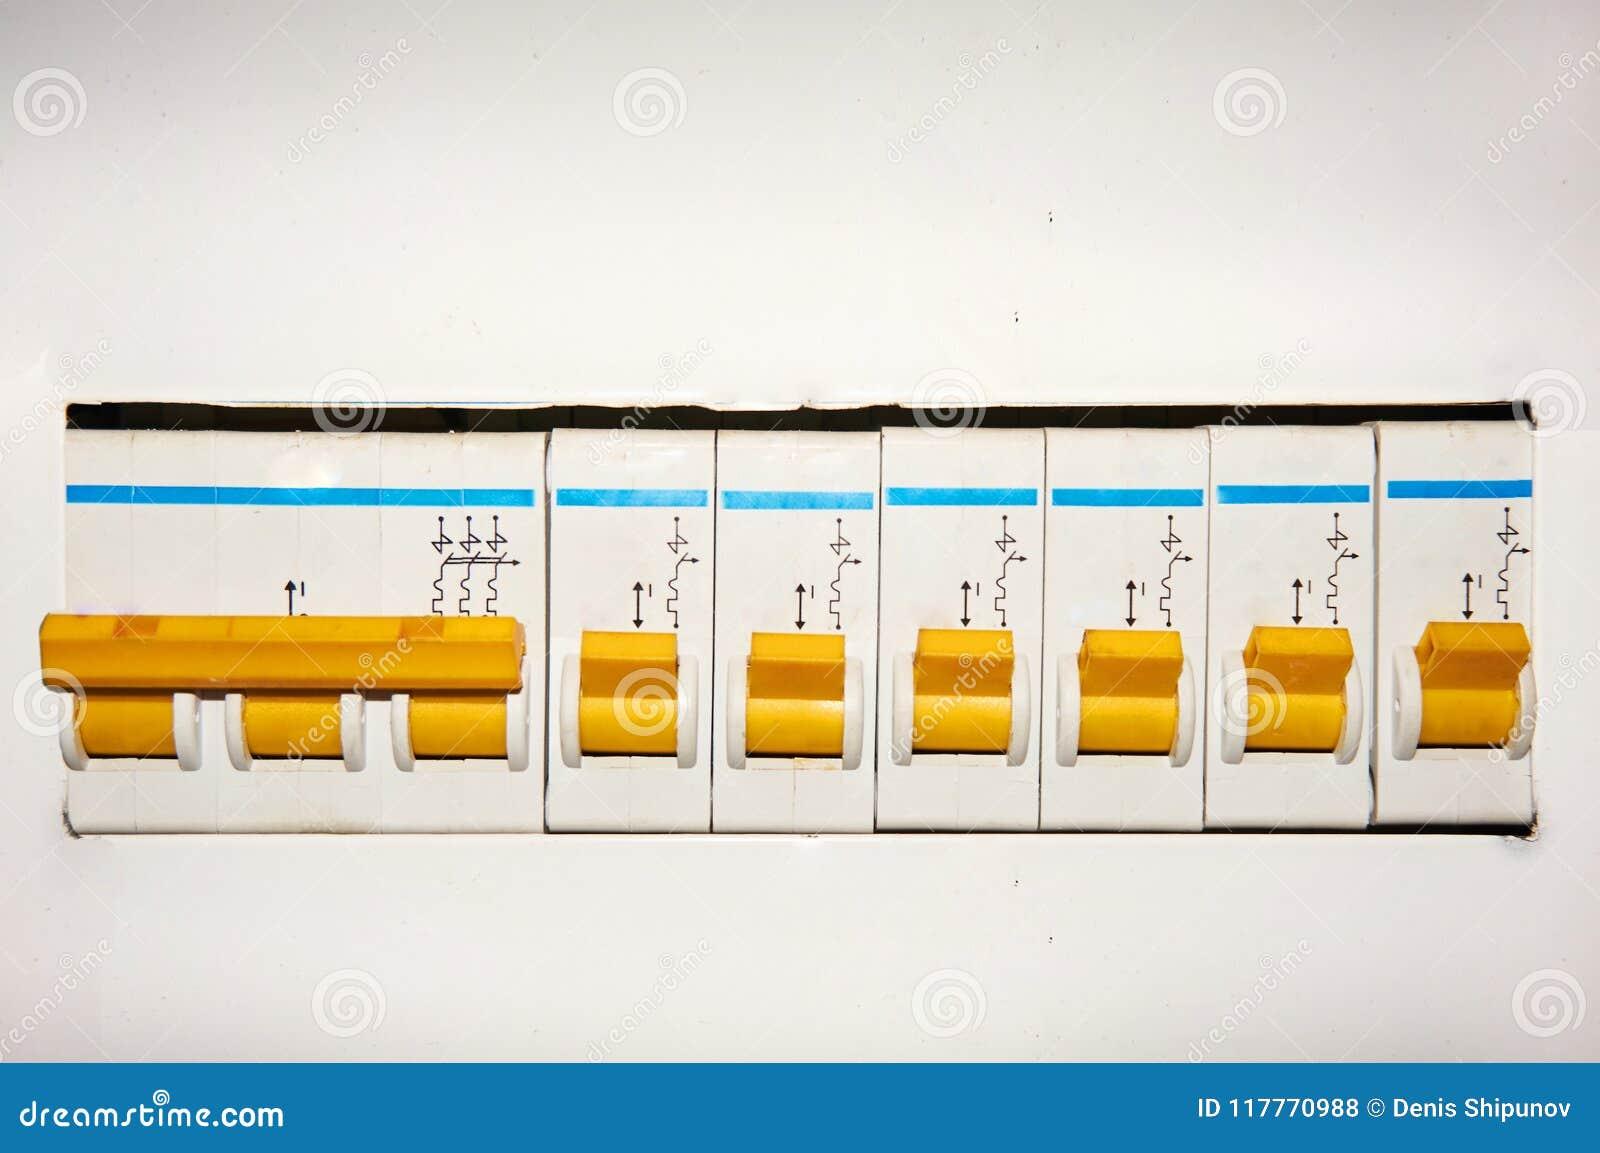 Grupo de interruptores eléctricos automáticos en un fondo blanco